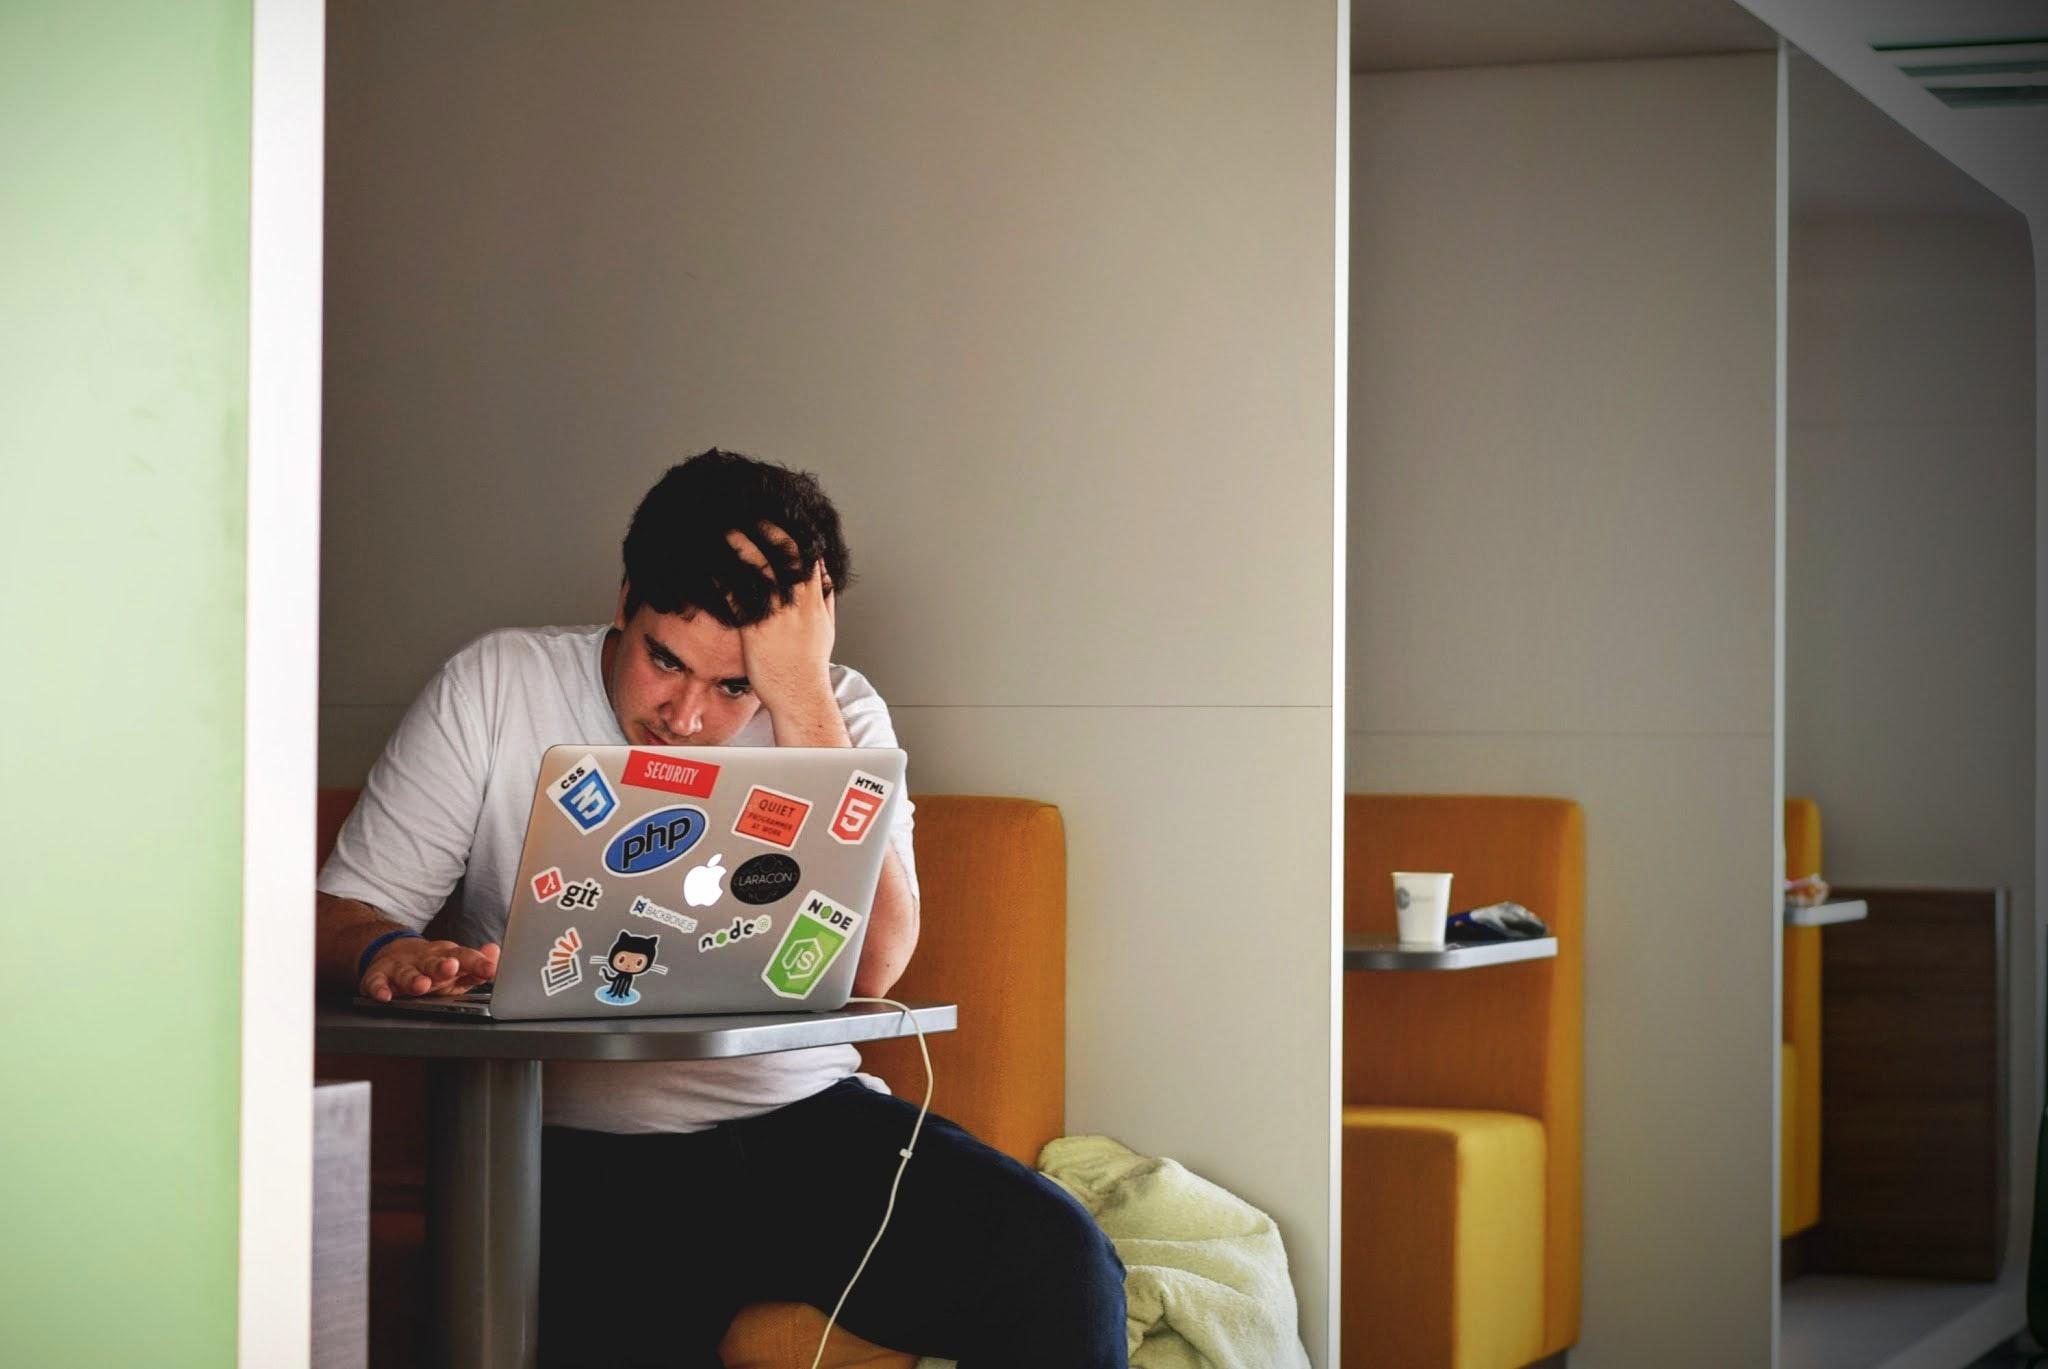 Estudantes x desemprego: como retornar ao mercado de trabalho após a pandemia?